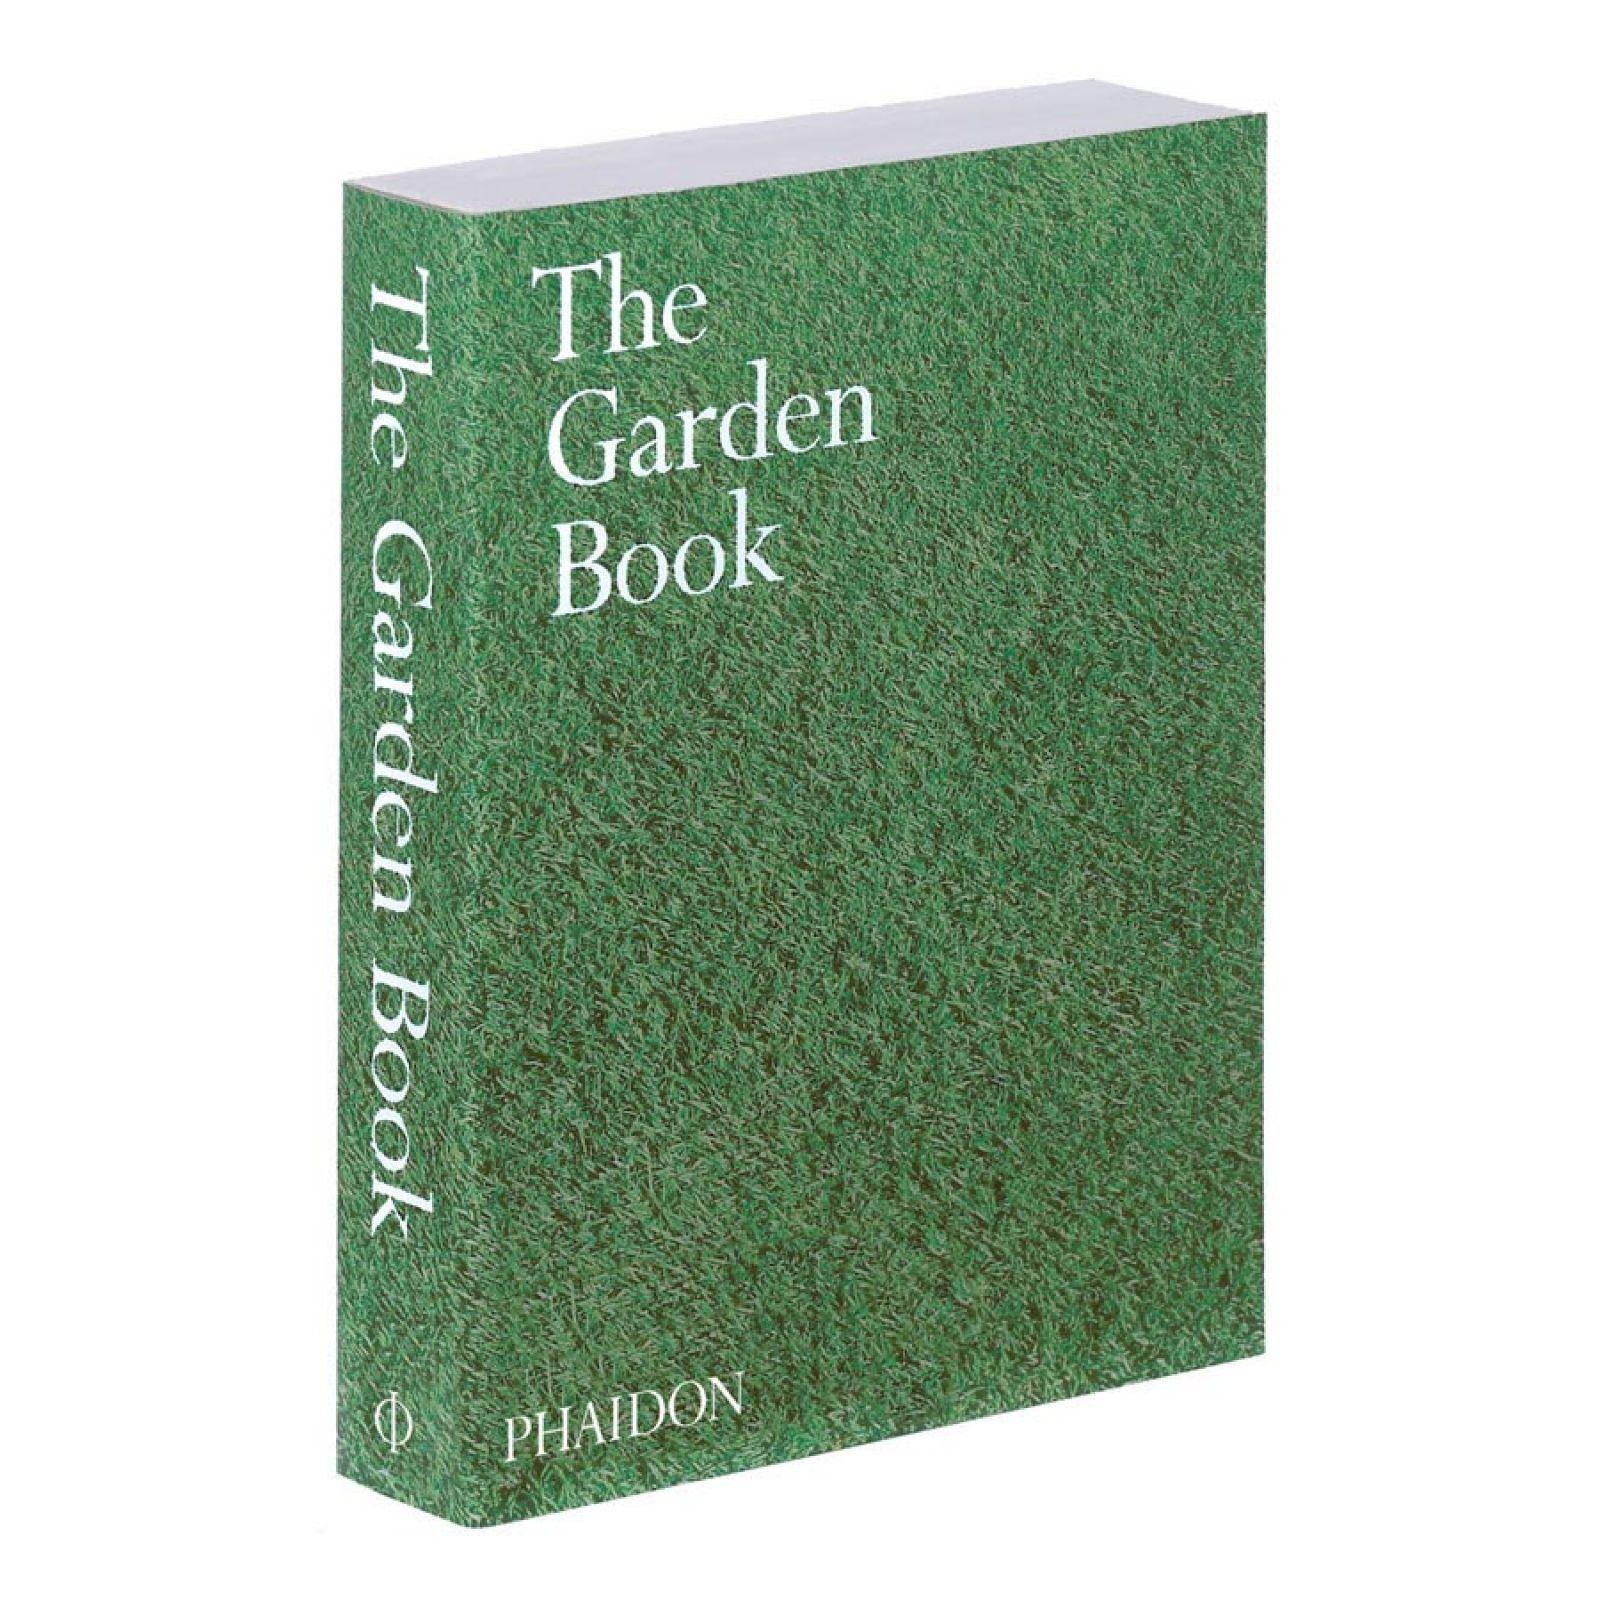 phaidon garden book